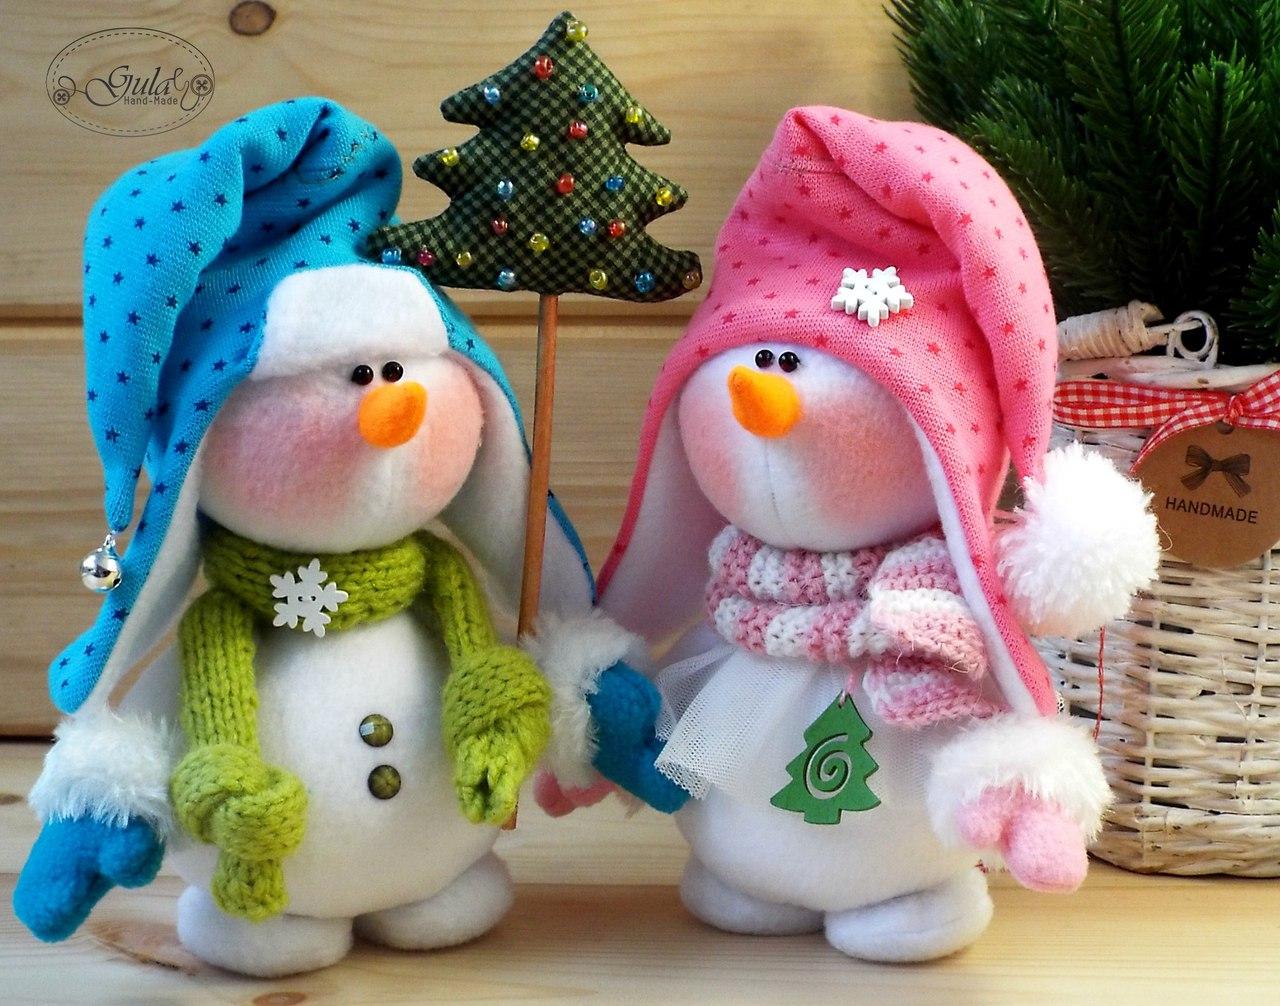 снеговик мягкая игрушка сшить фото леща пока еще